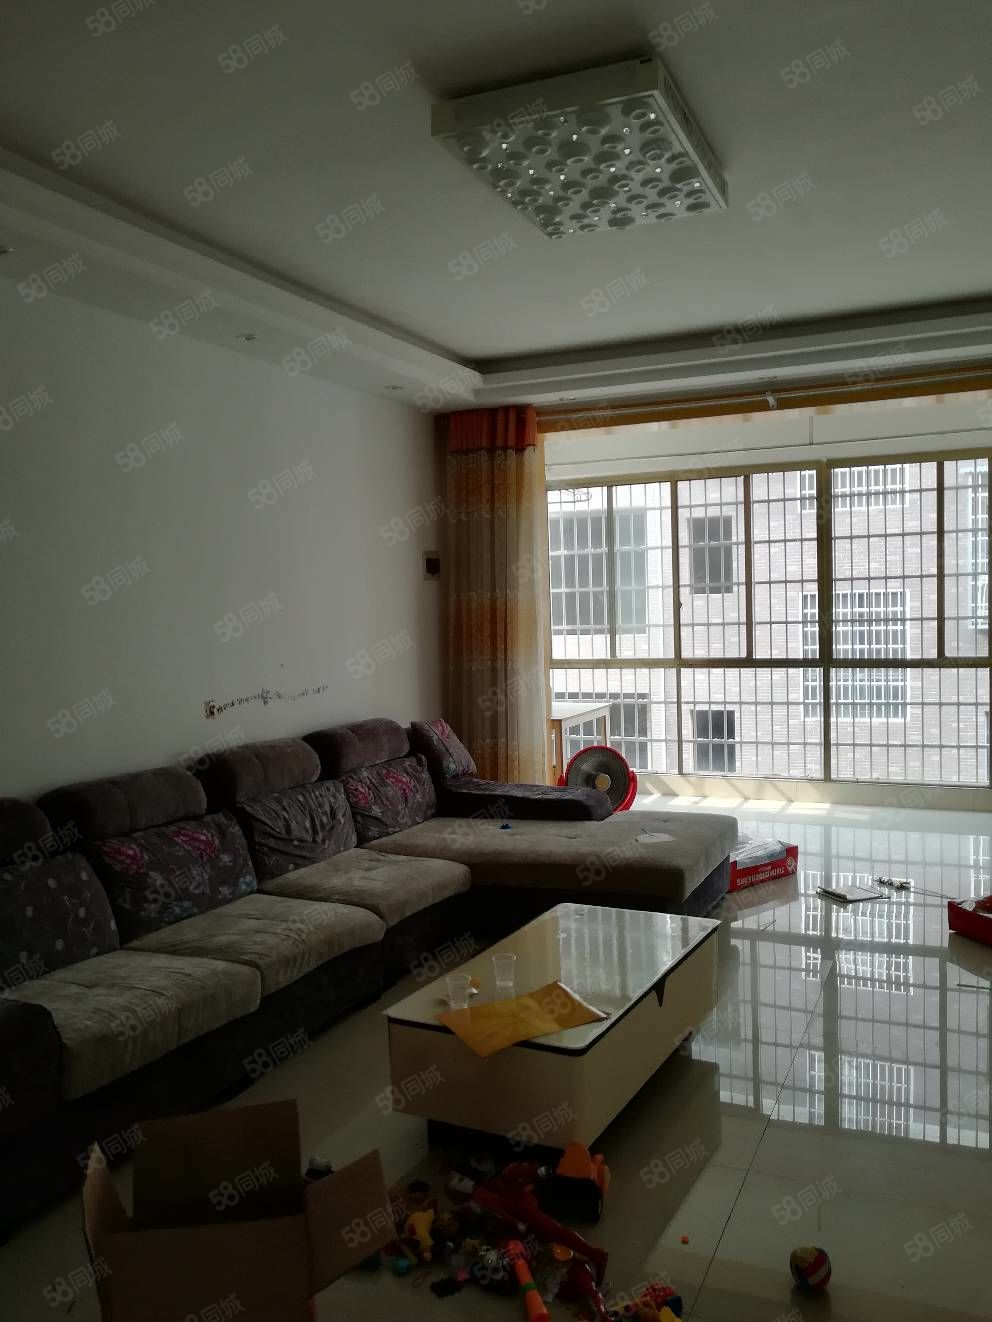 盛世宏城,6楼,130平三室二厅二卫,有证,30.8万